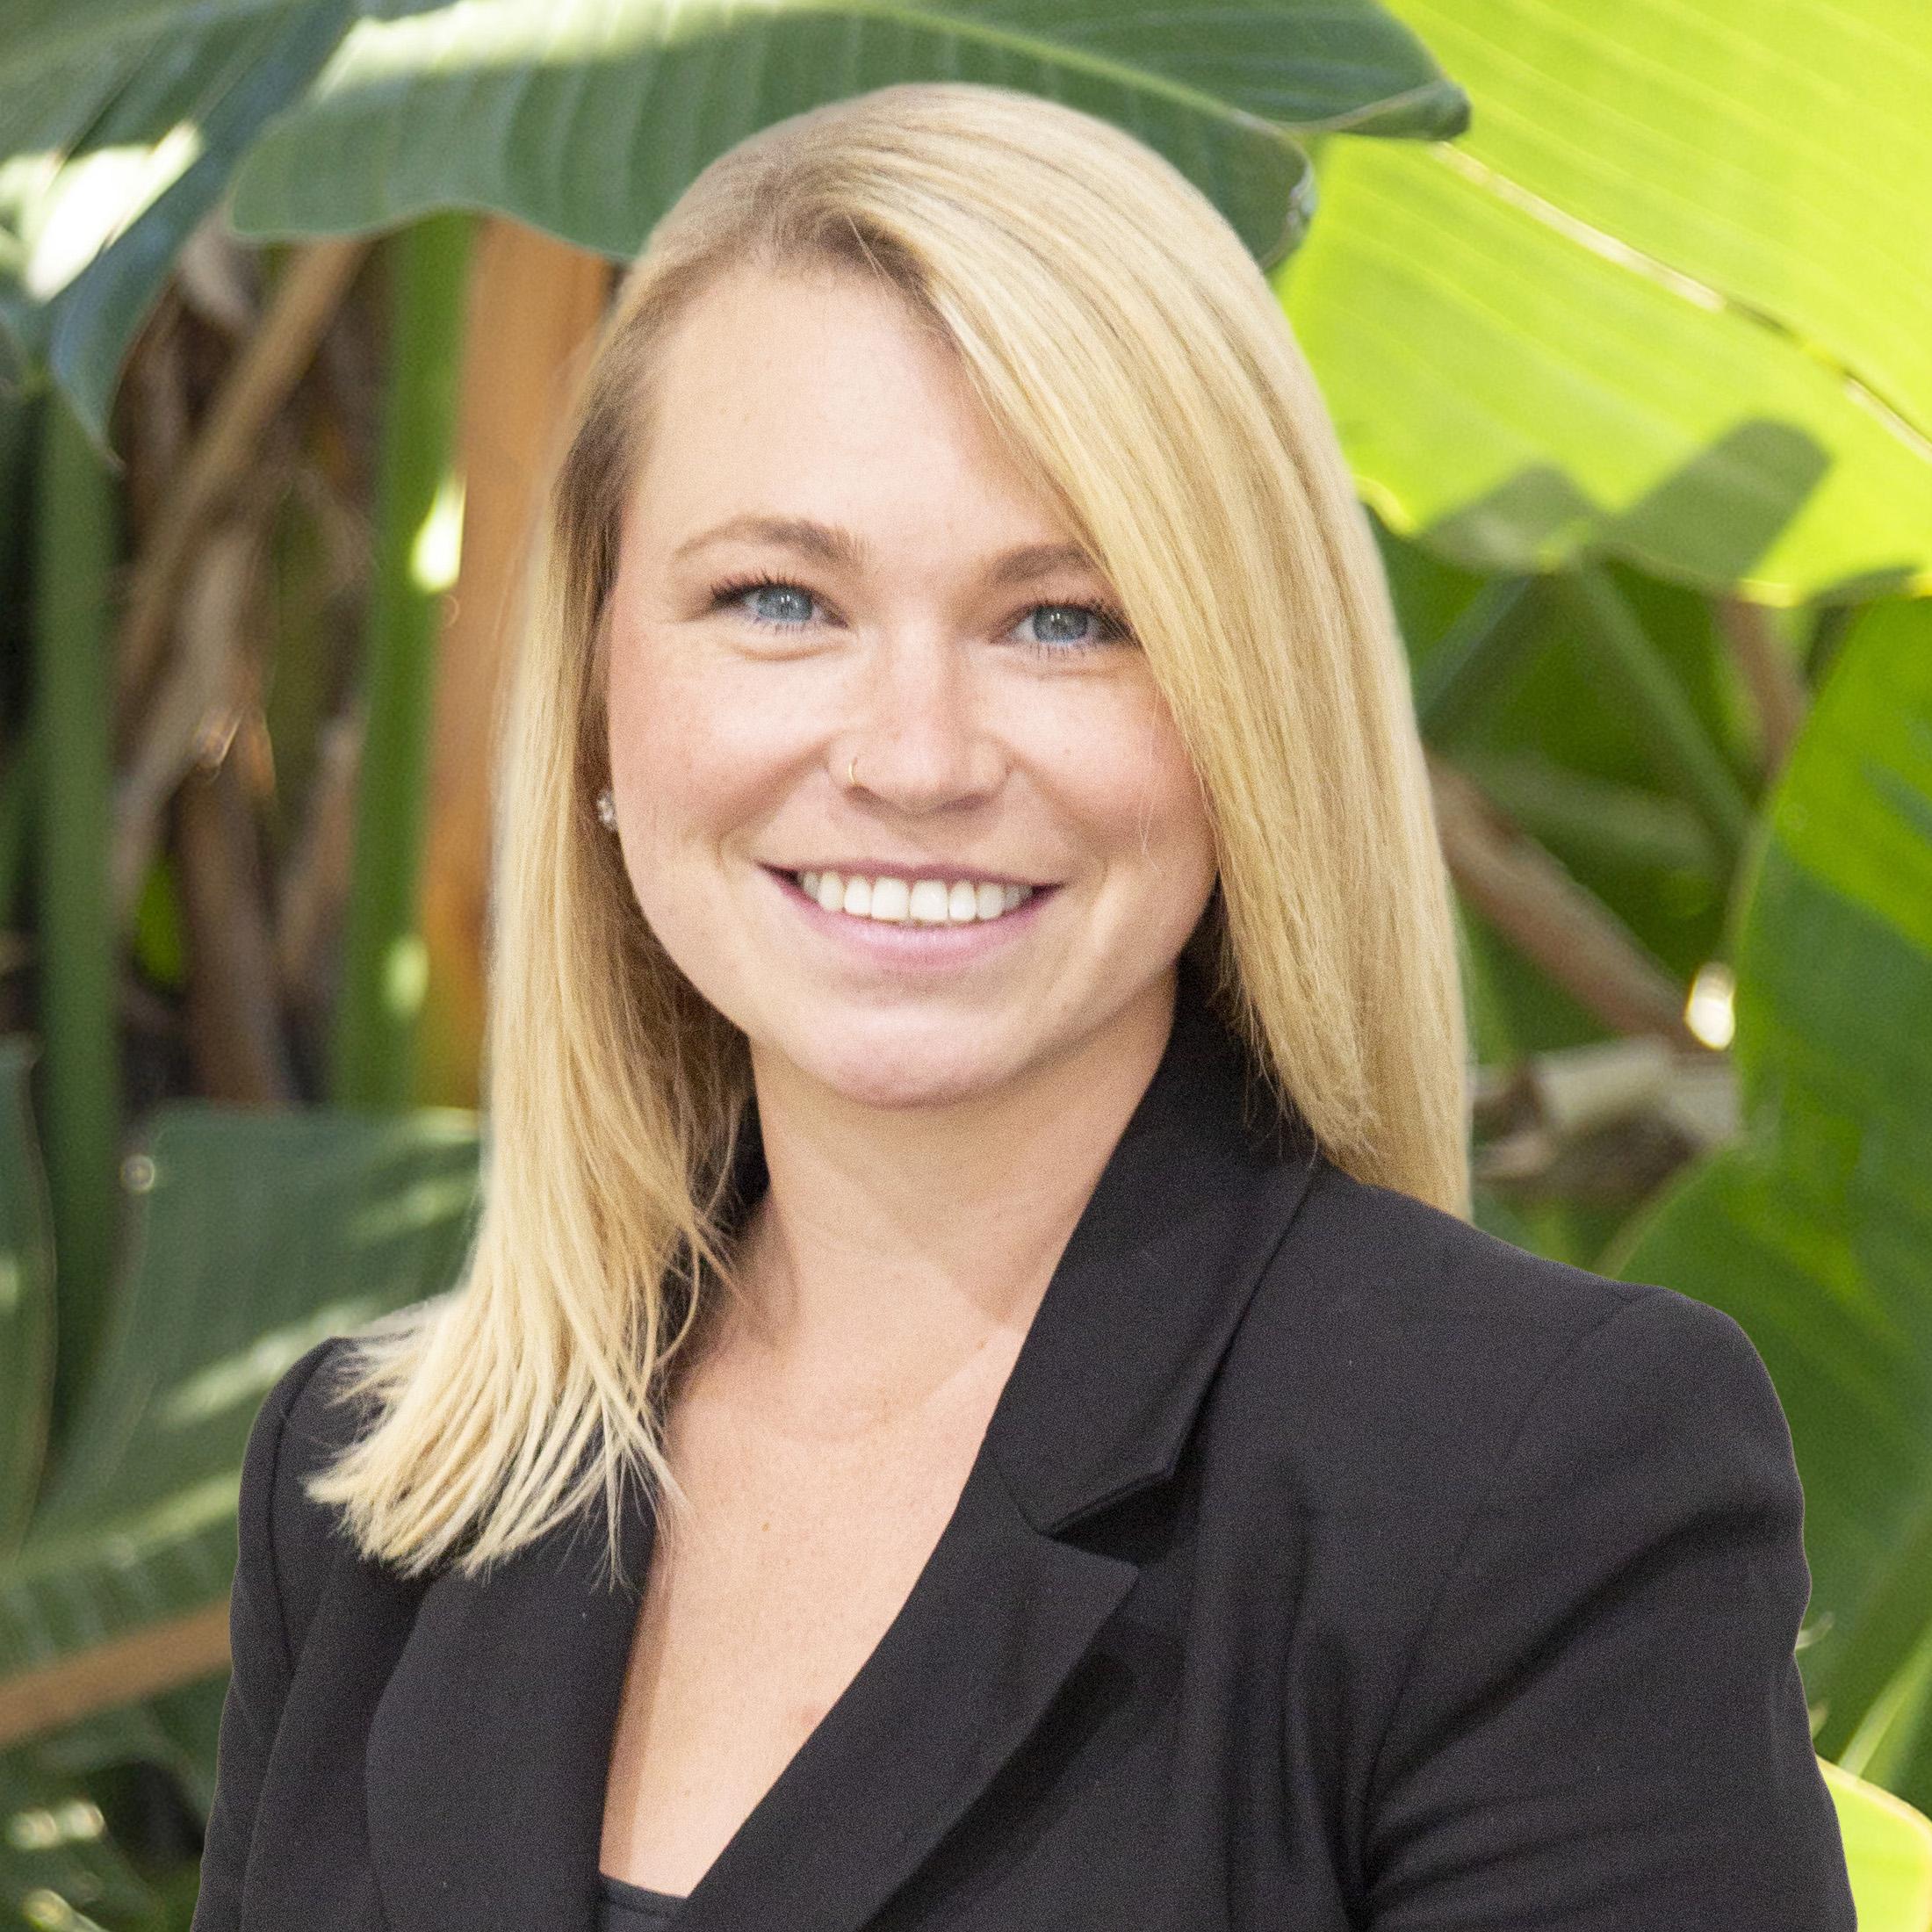 Rachel Cliffe